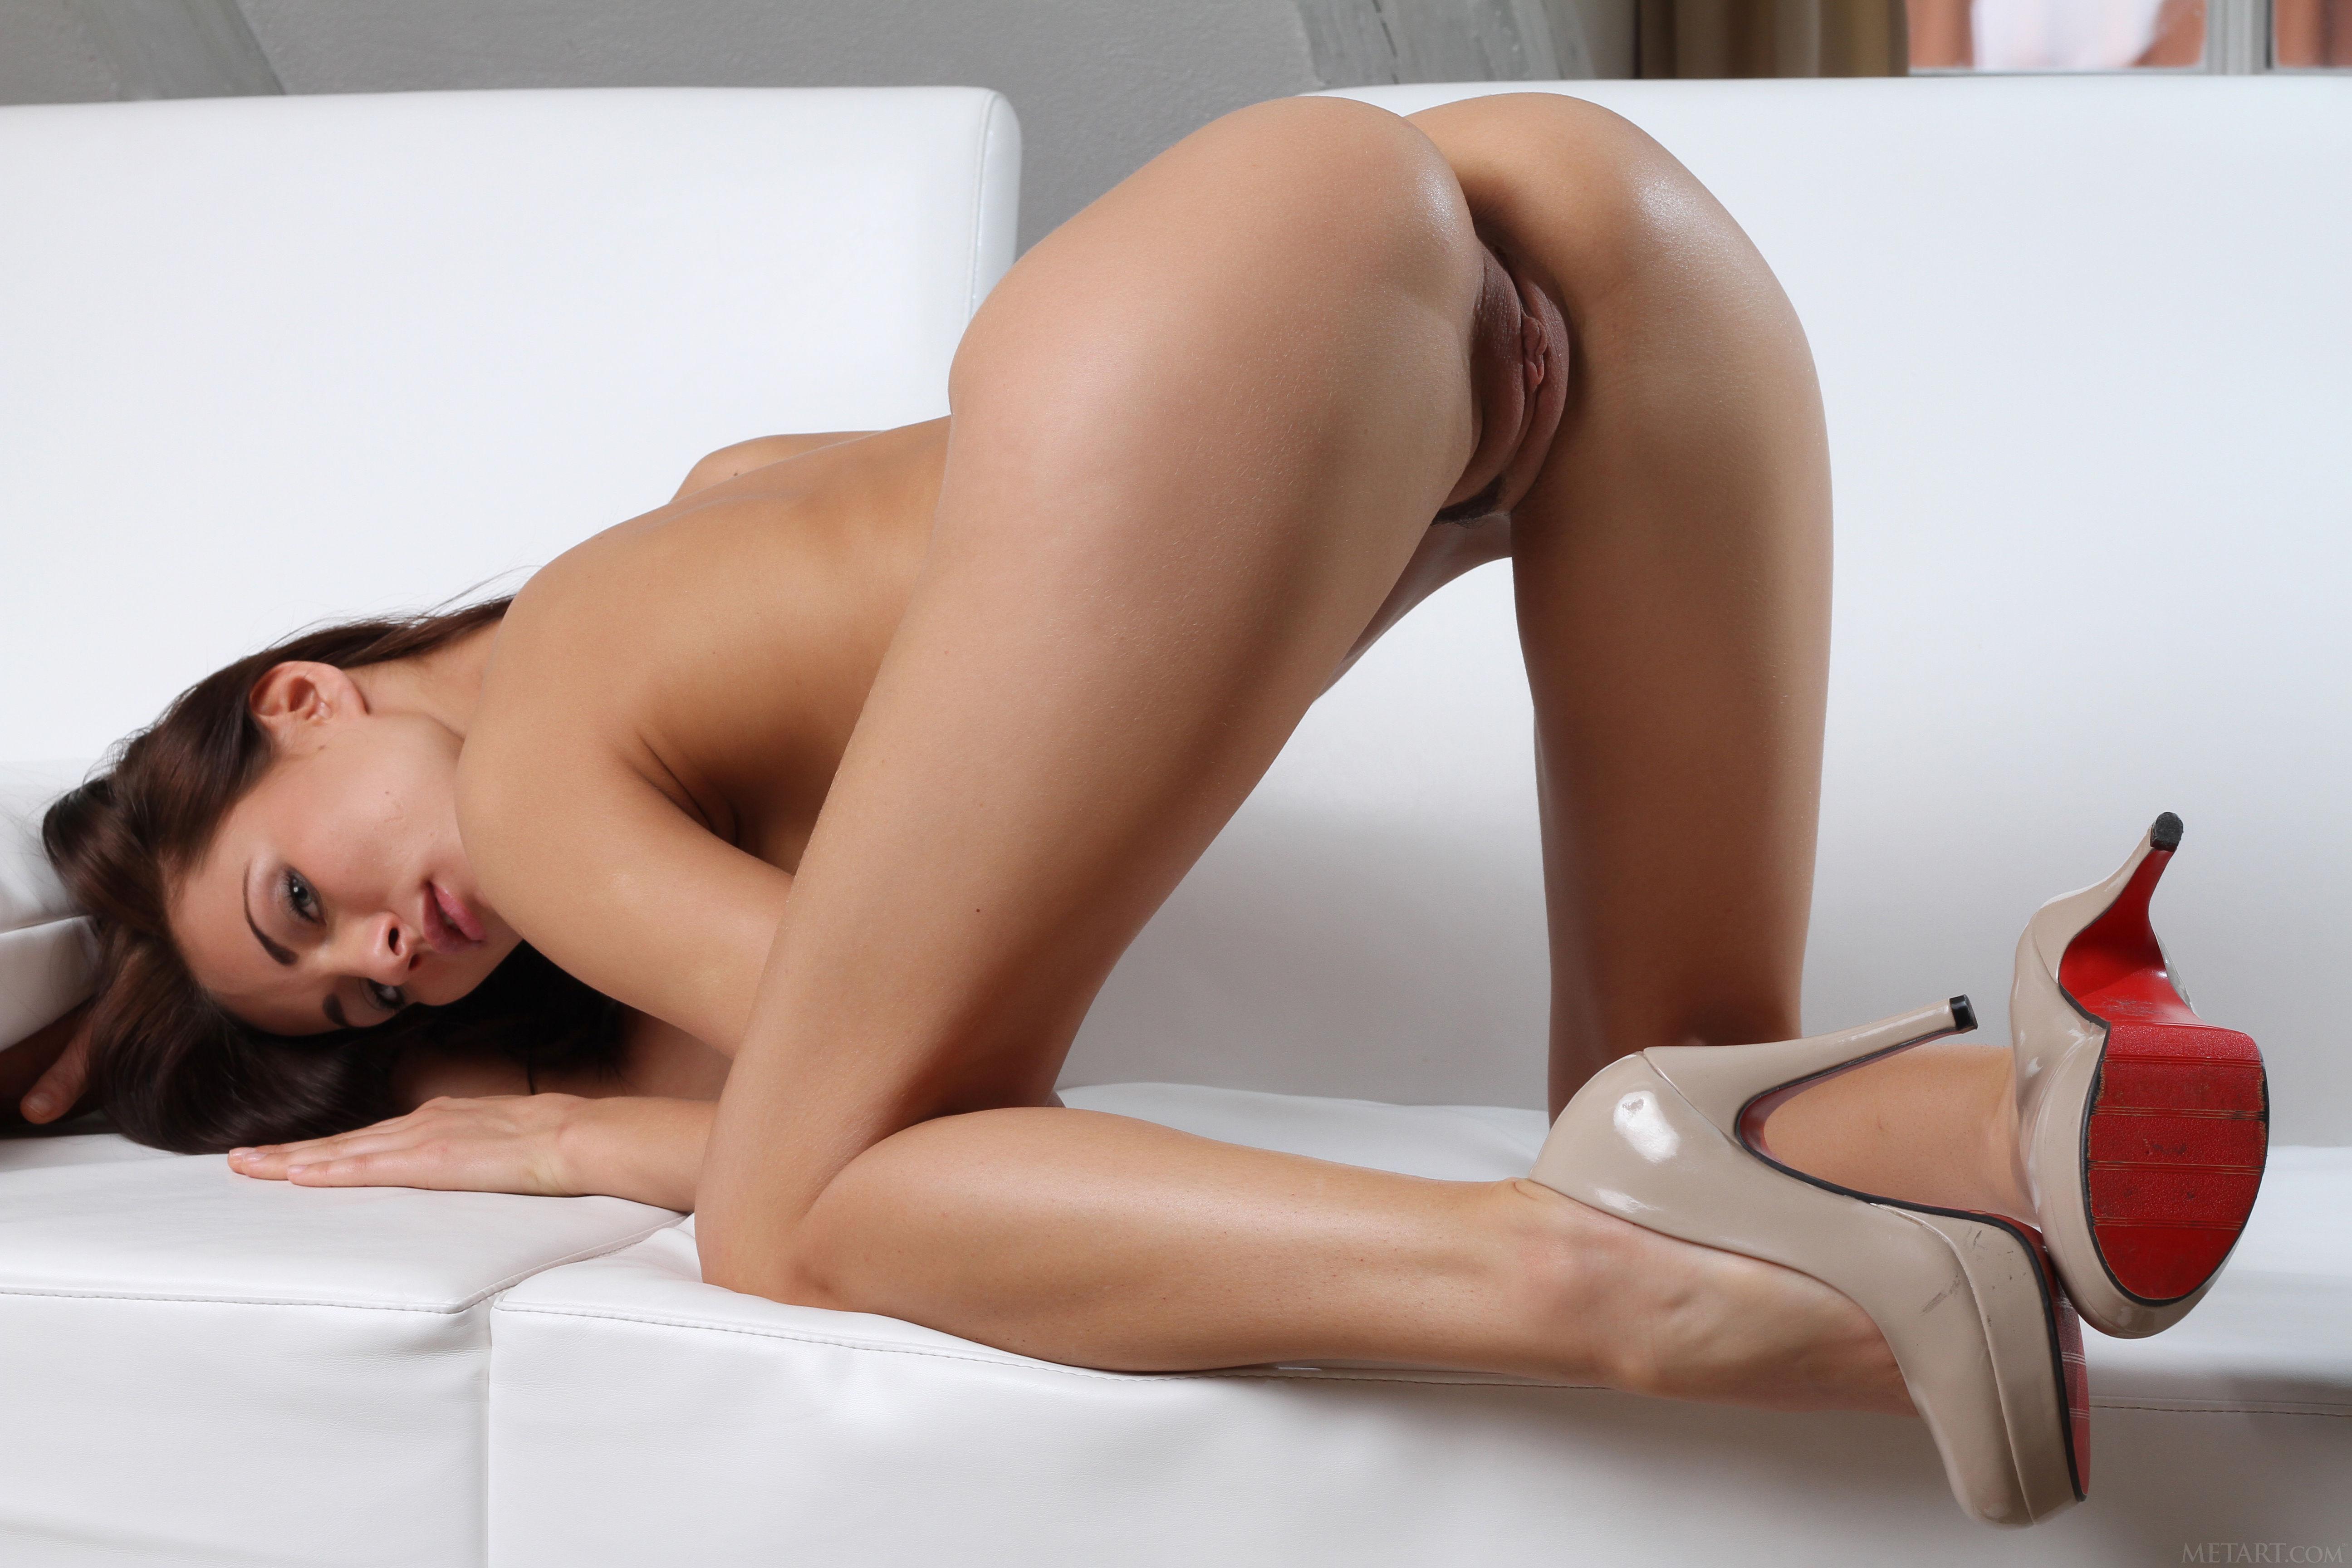 Long legs nice ass